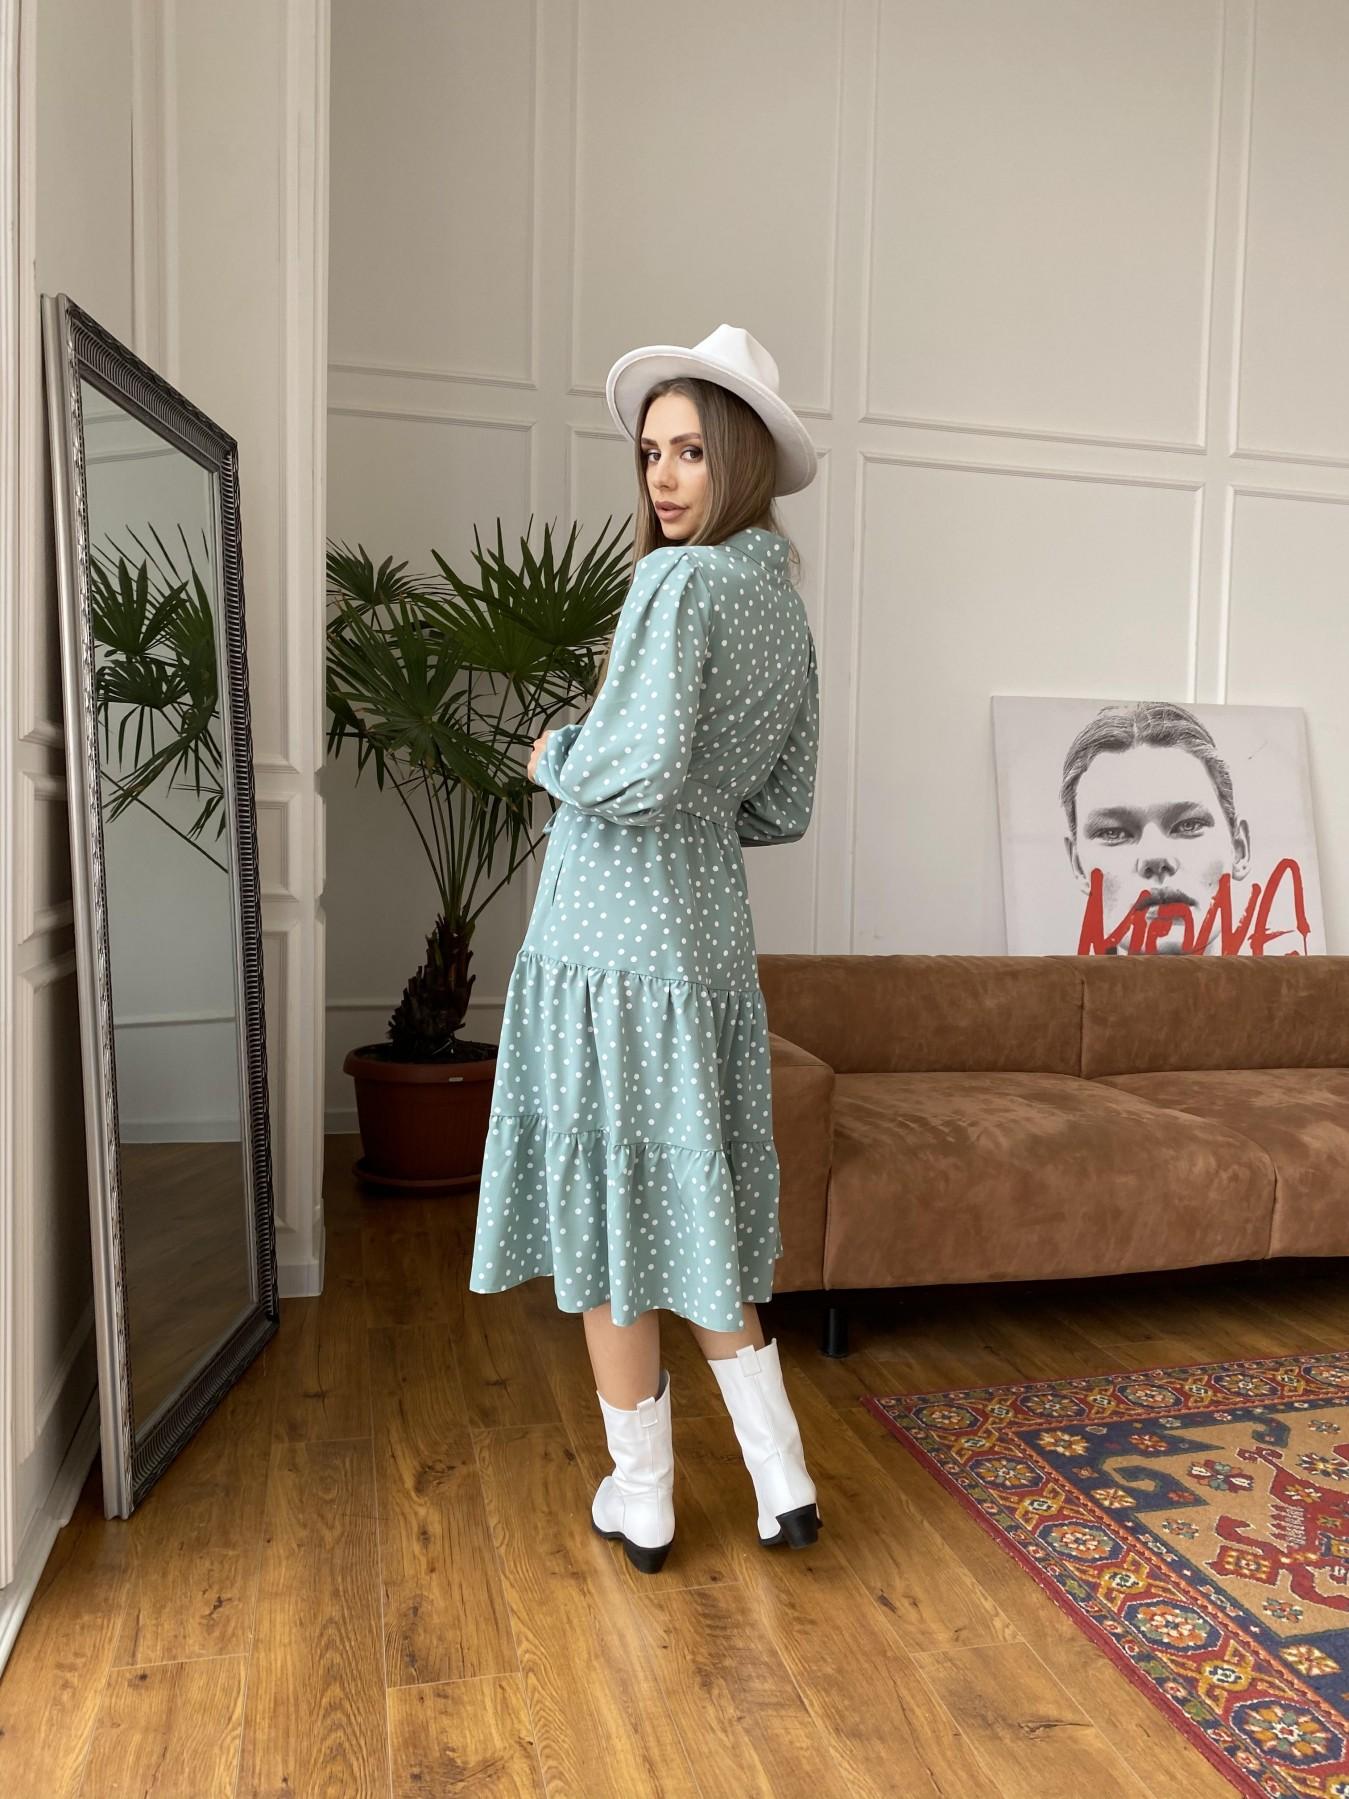 Лилия платье из софта с принтом 11108 АРТ. 47591 Цвет: МятаТем/БелыйГорохКом - фото 6, интернет магазин tm-modus.ru